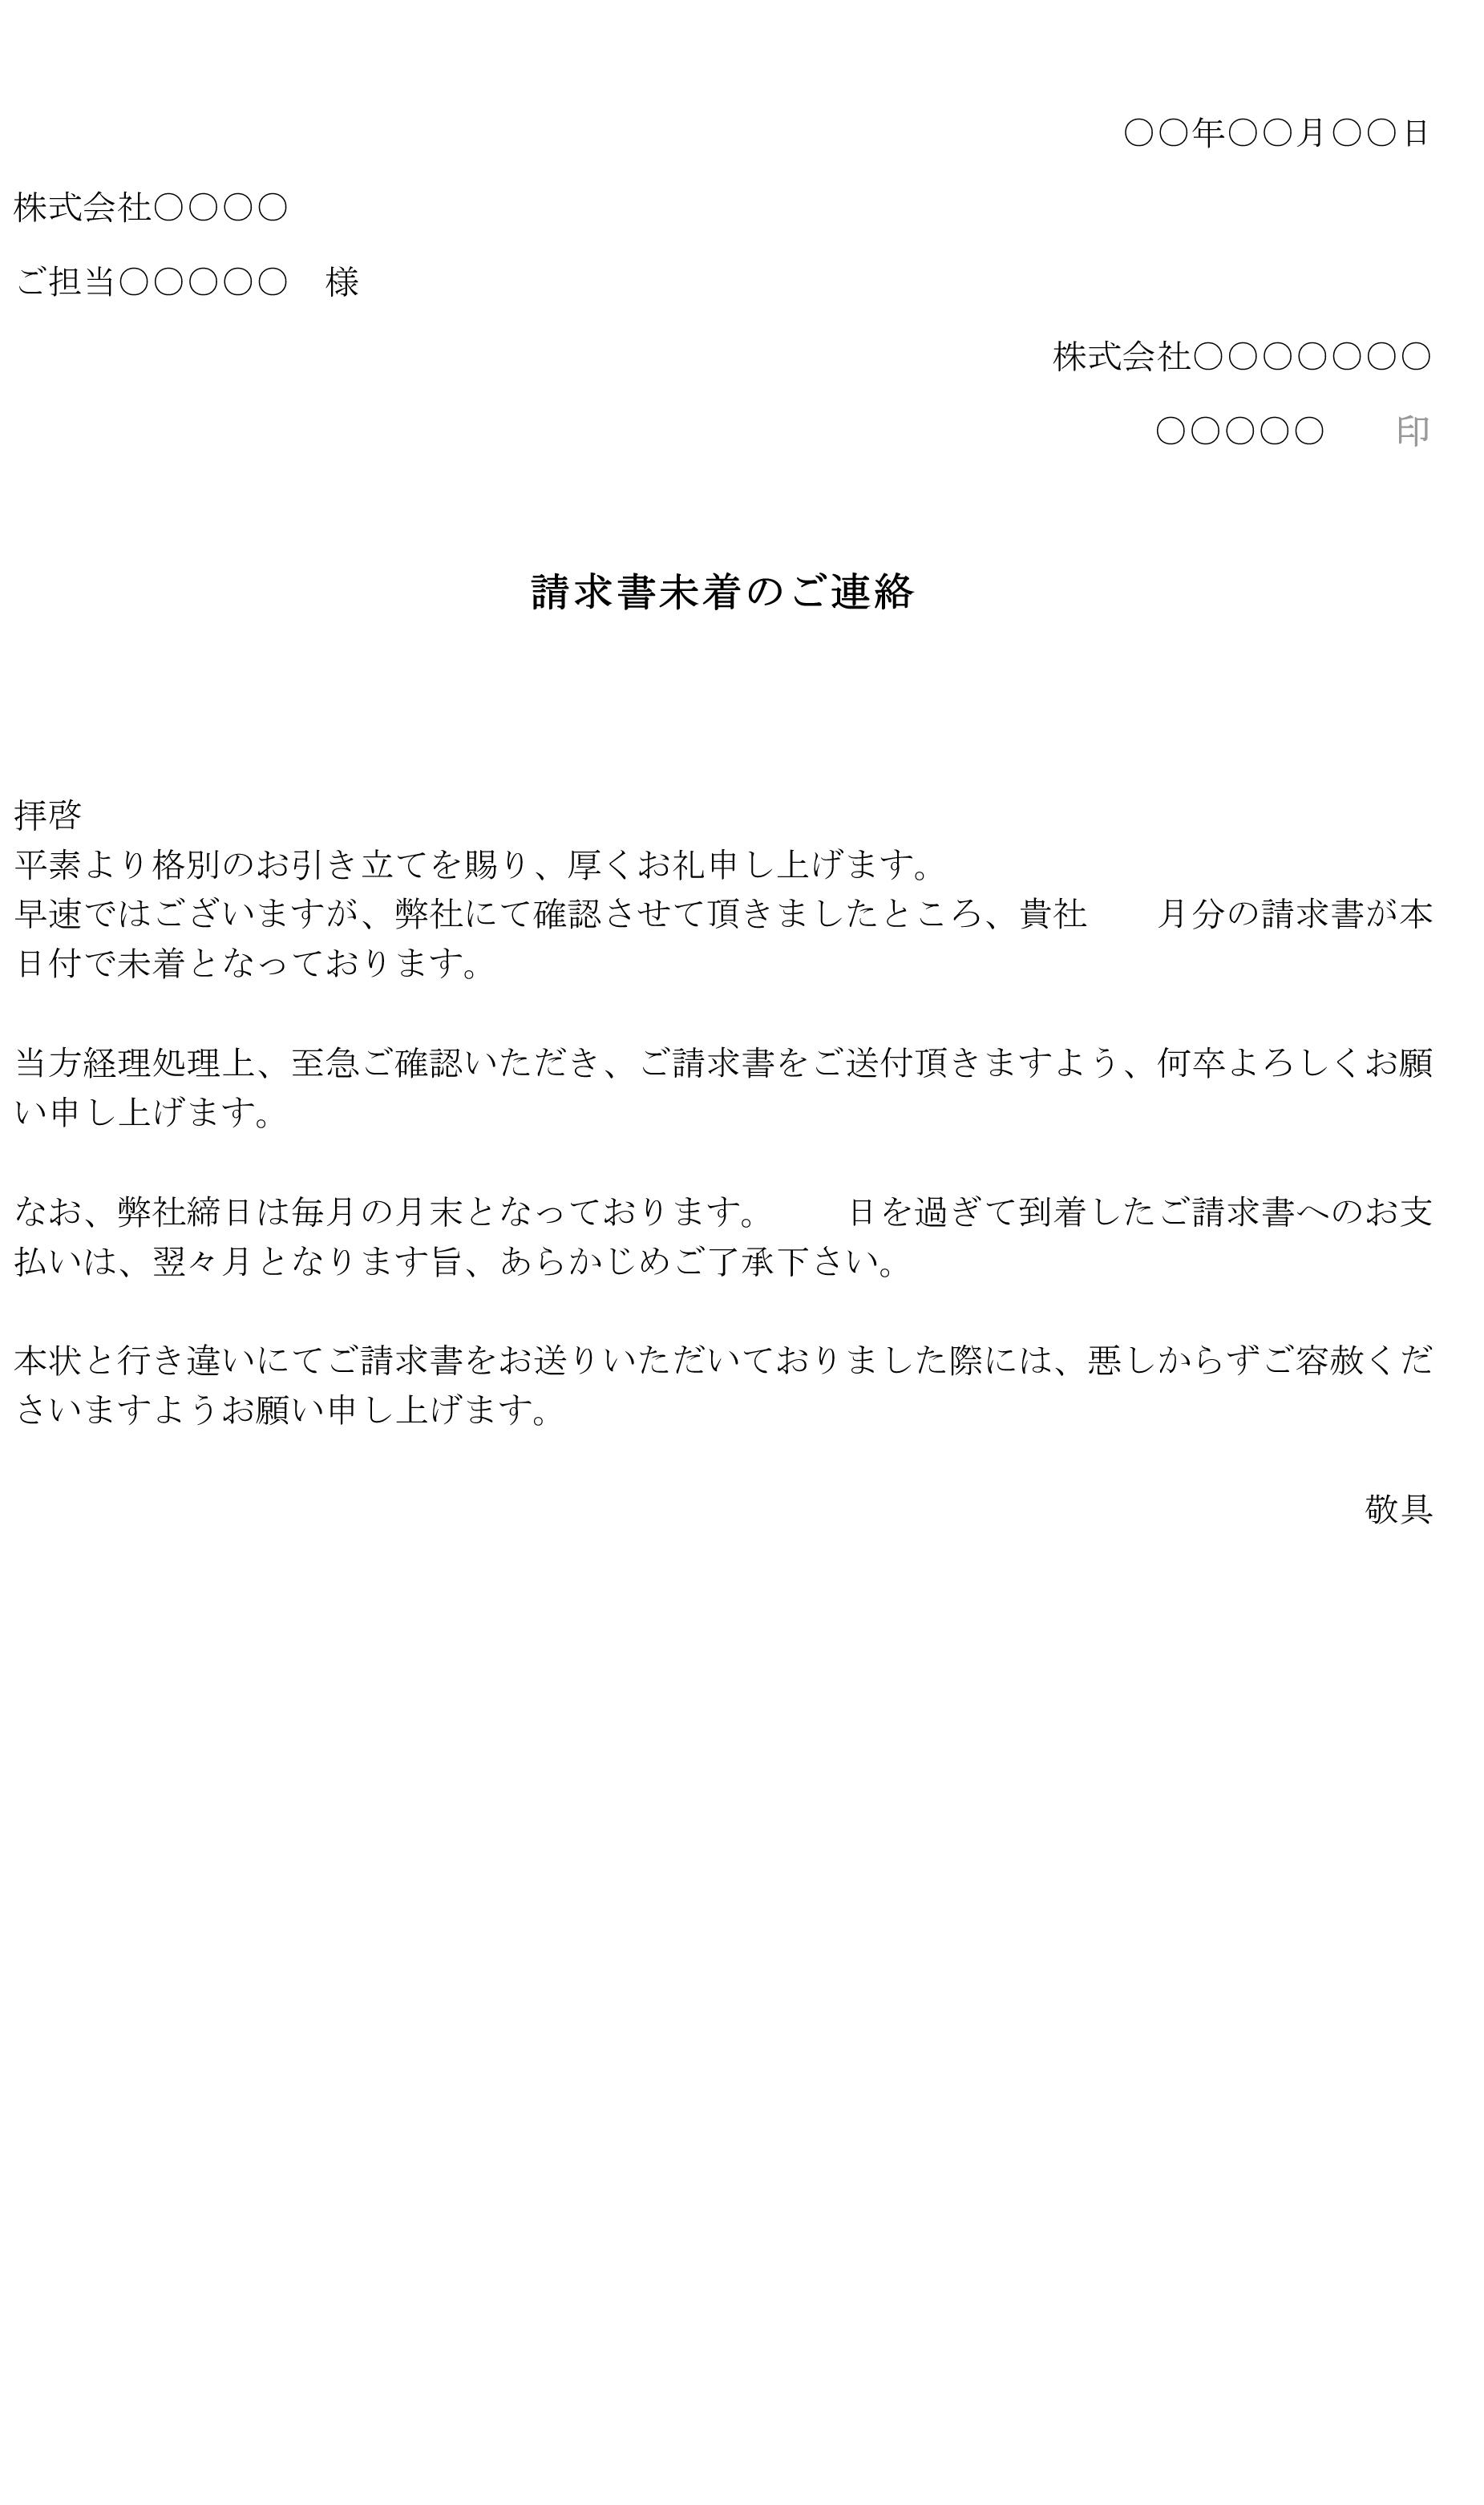 督促状(請求書未着)01